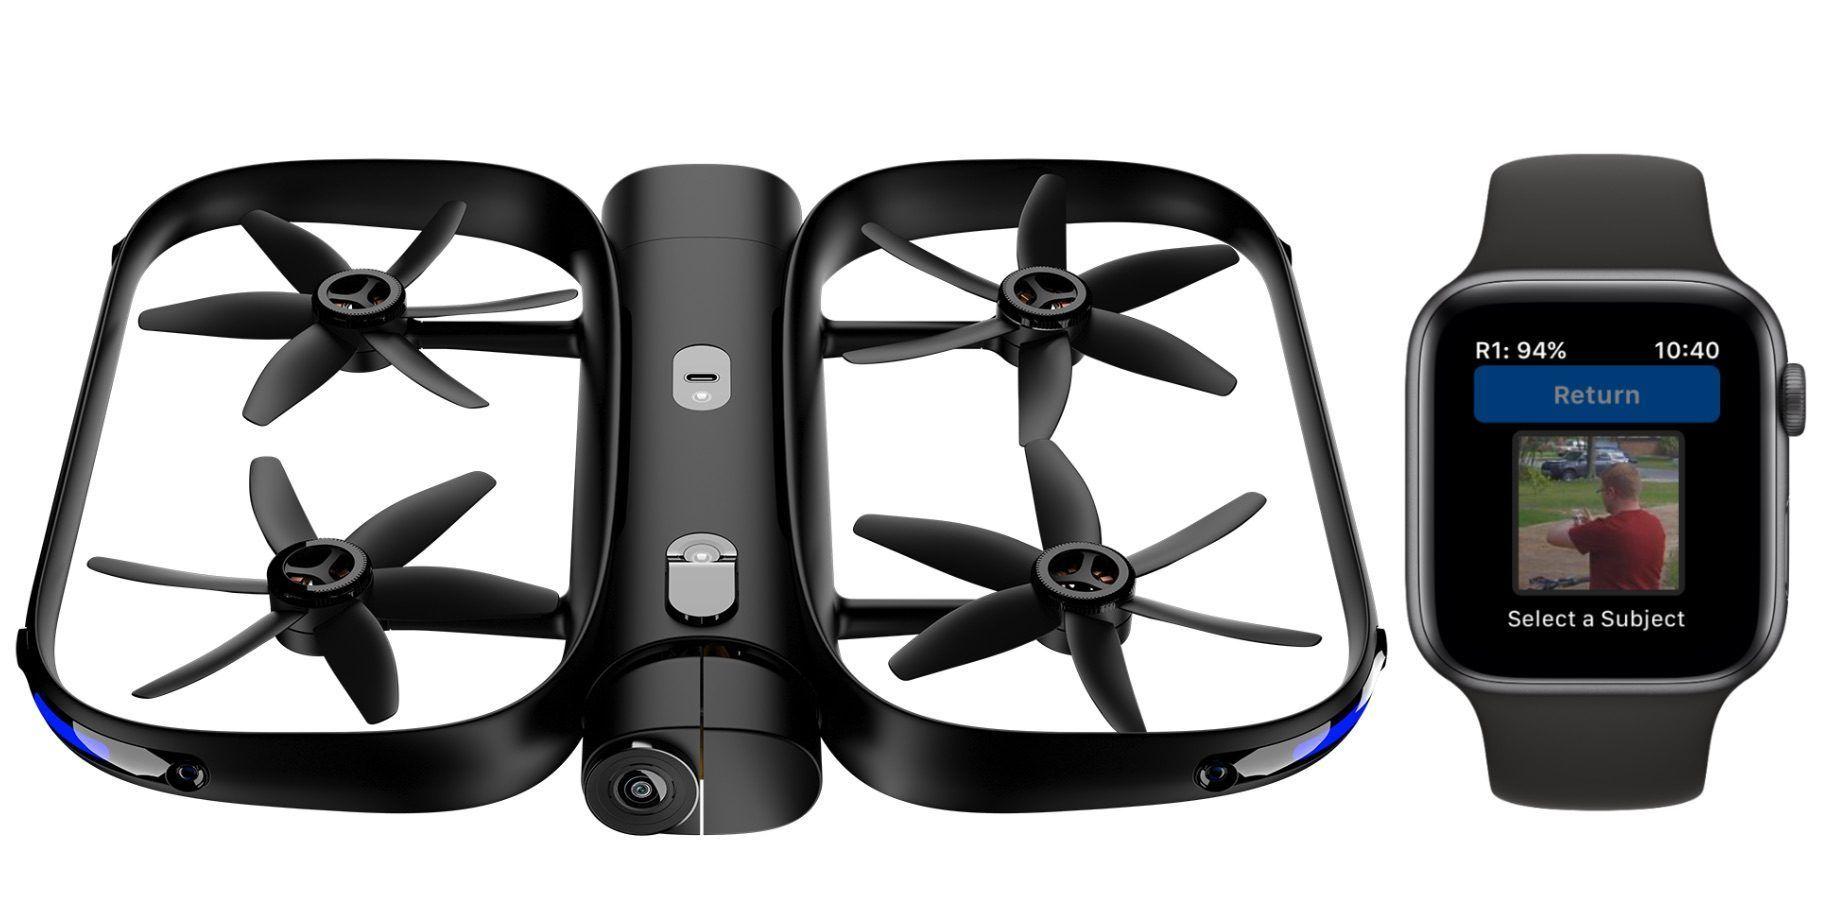 Skydio R1 无人机:飞行中自动捕获目标